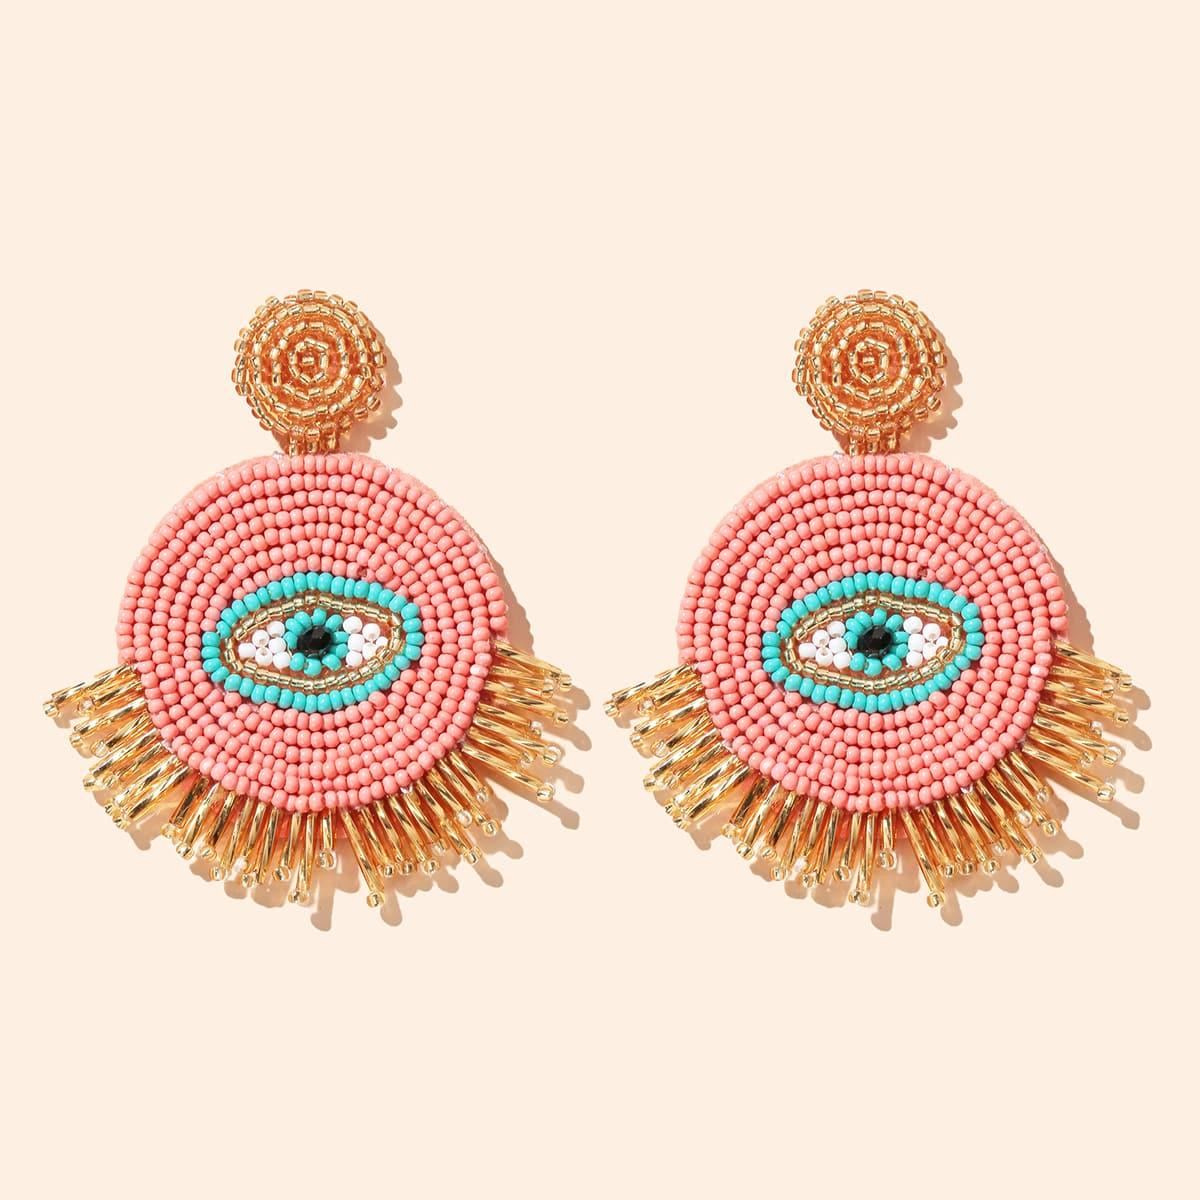 SHEIN / Ohringe mit Perlen